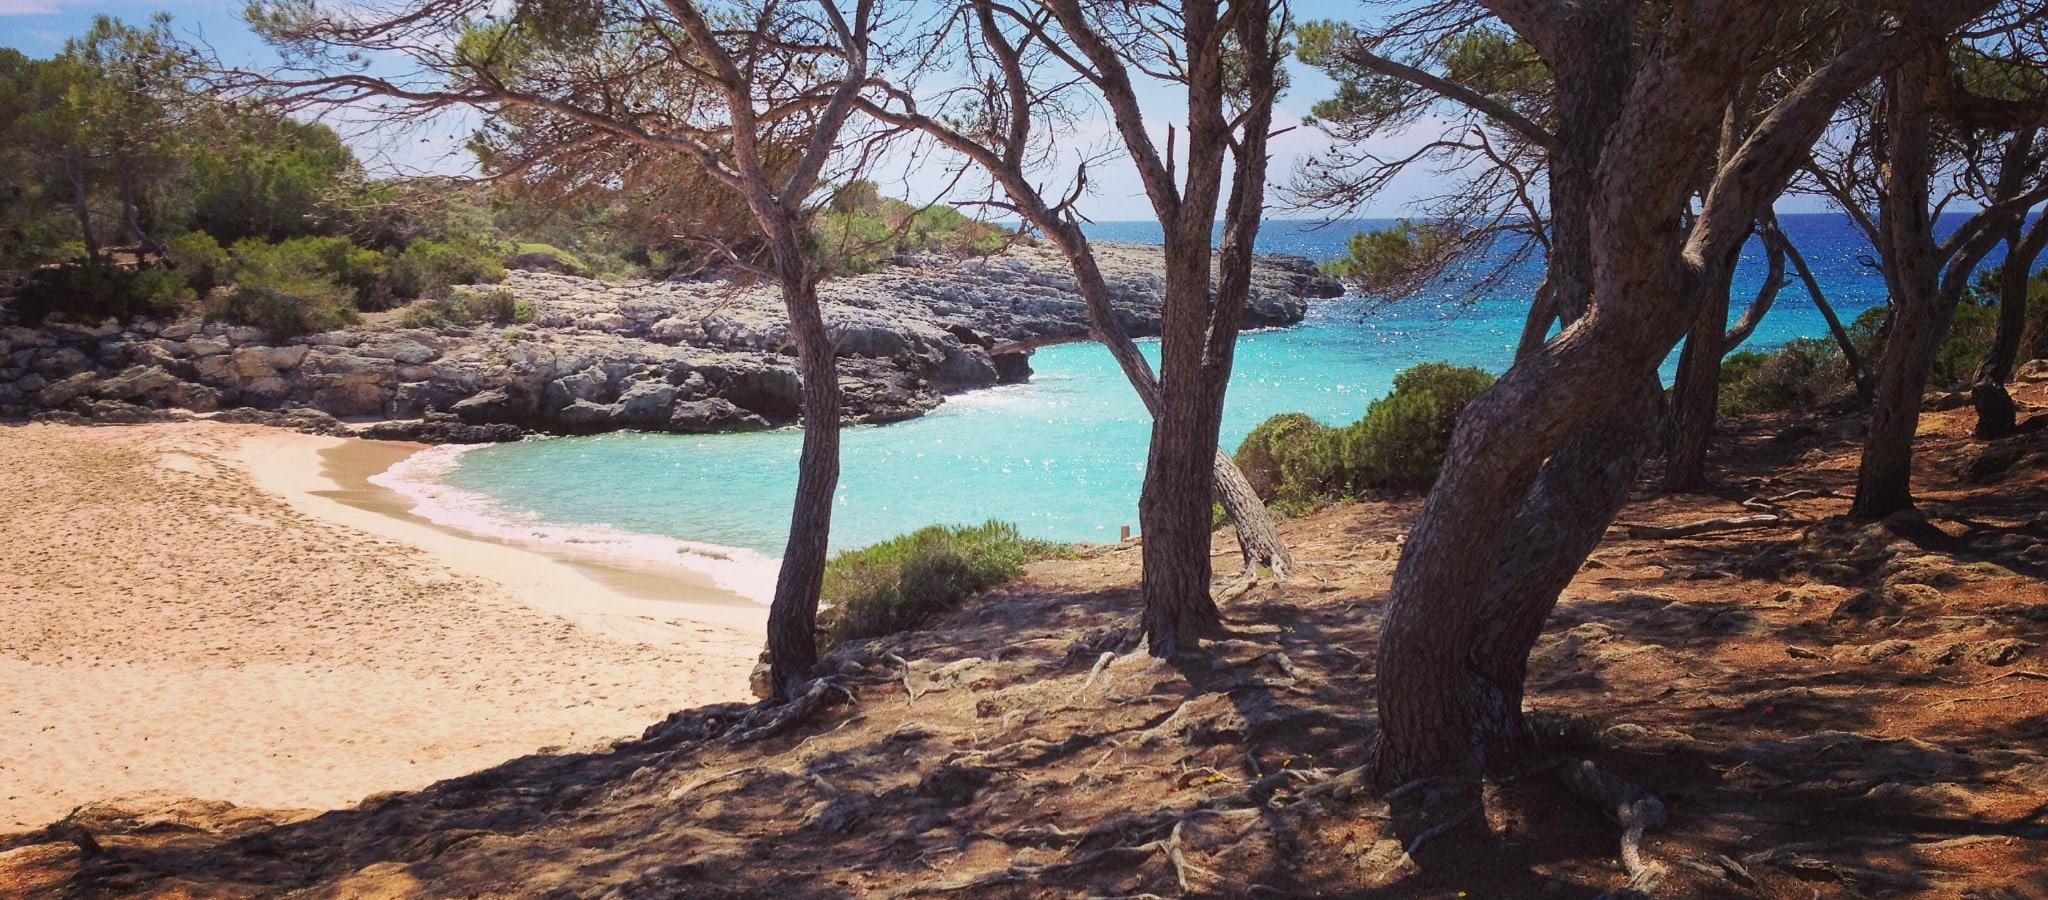 Mapa de Menorca, Puntos de interés, calas